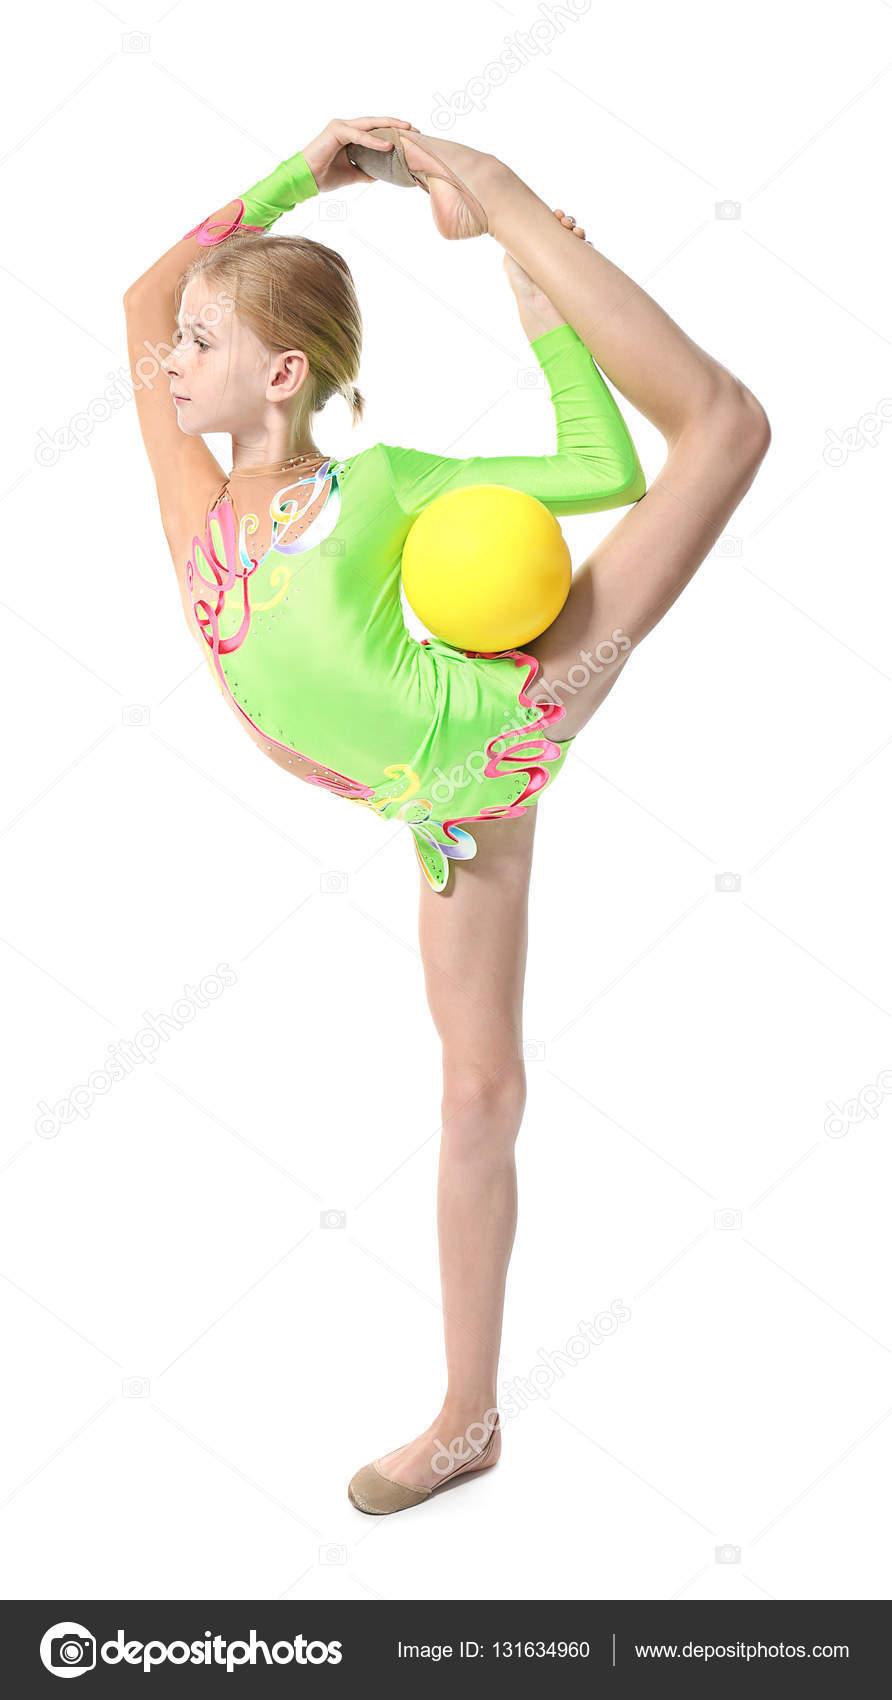 Junges m dchen turnen mit ball isoliert auf weiss stockfoto belchonock 131634960 - Turnen mit kissen ...